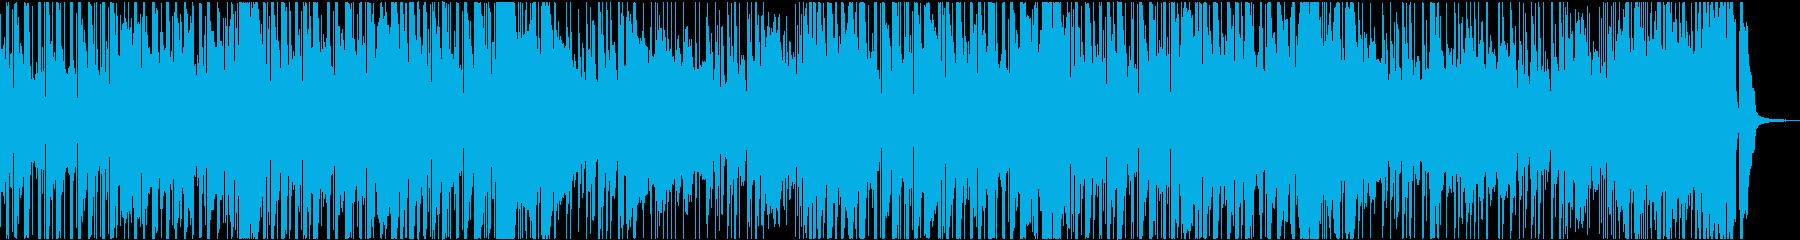 ピアノx民族楽器 お洒落なラテンファンクの再生済みの波形